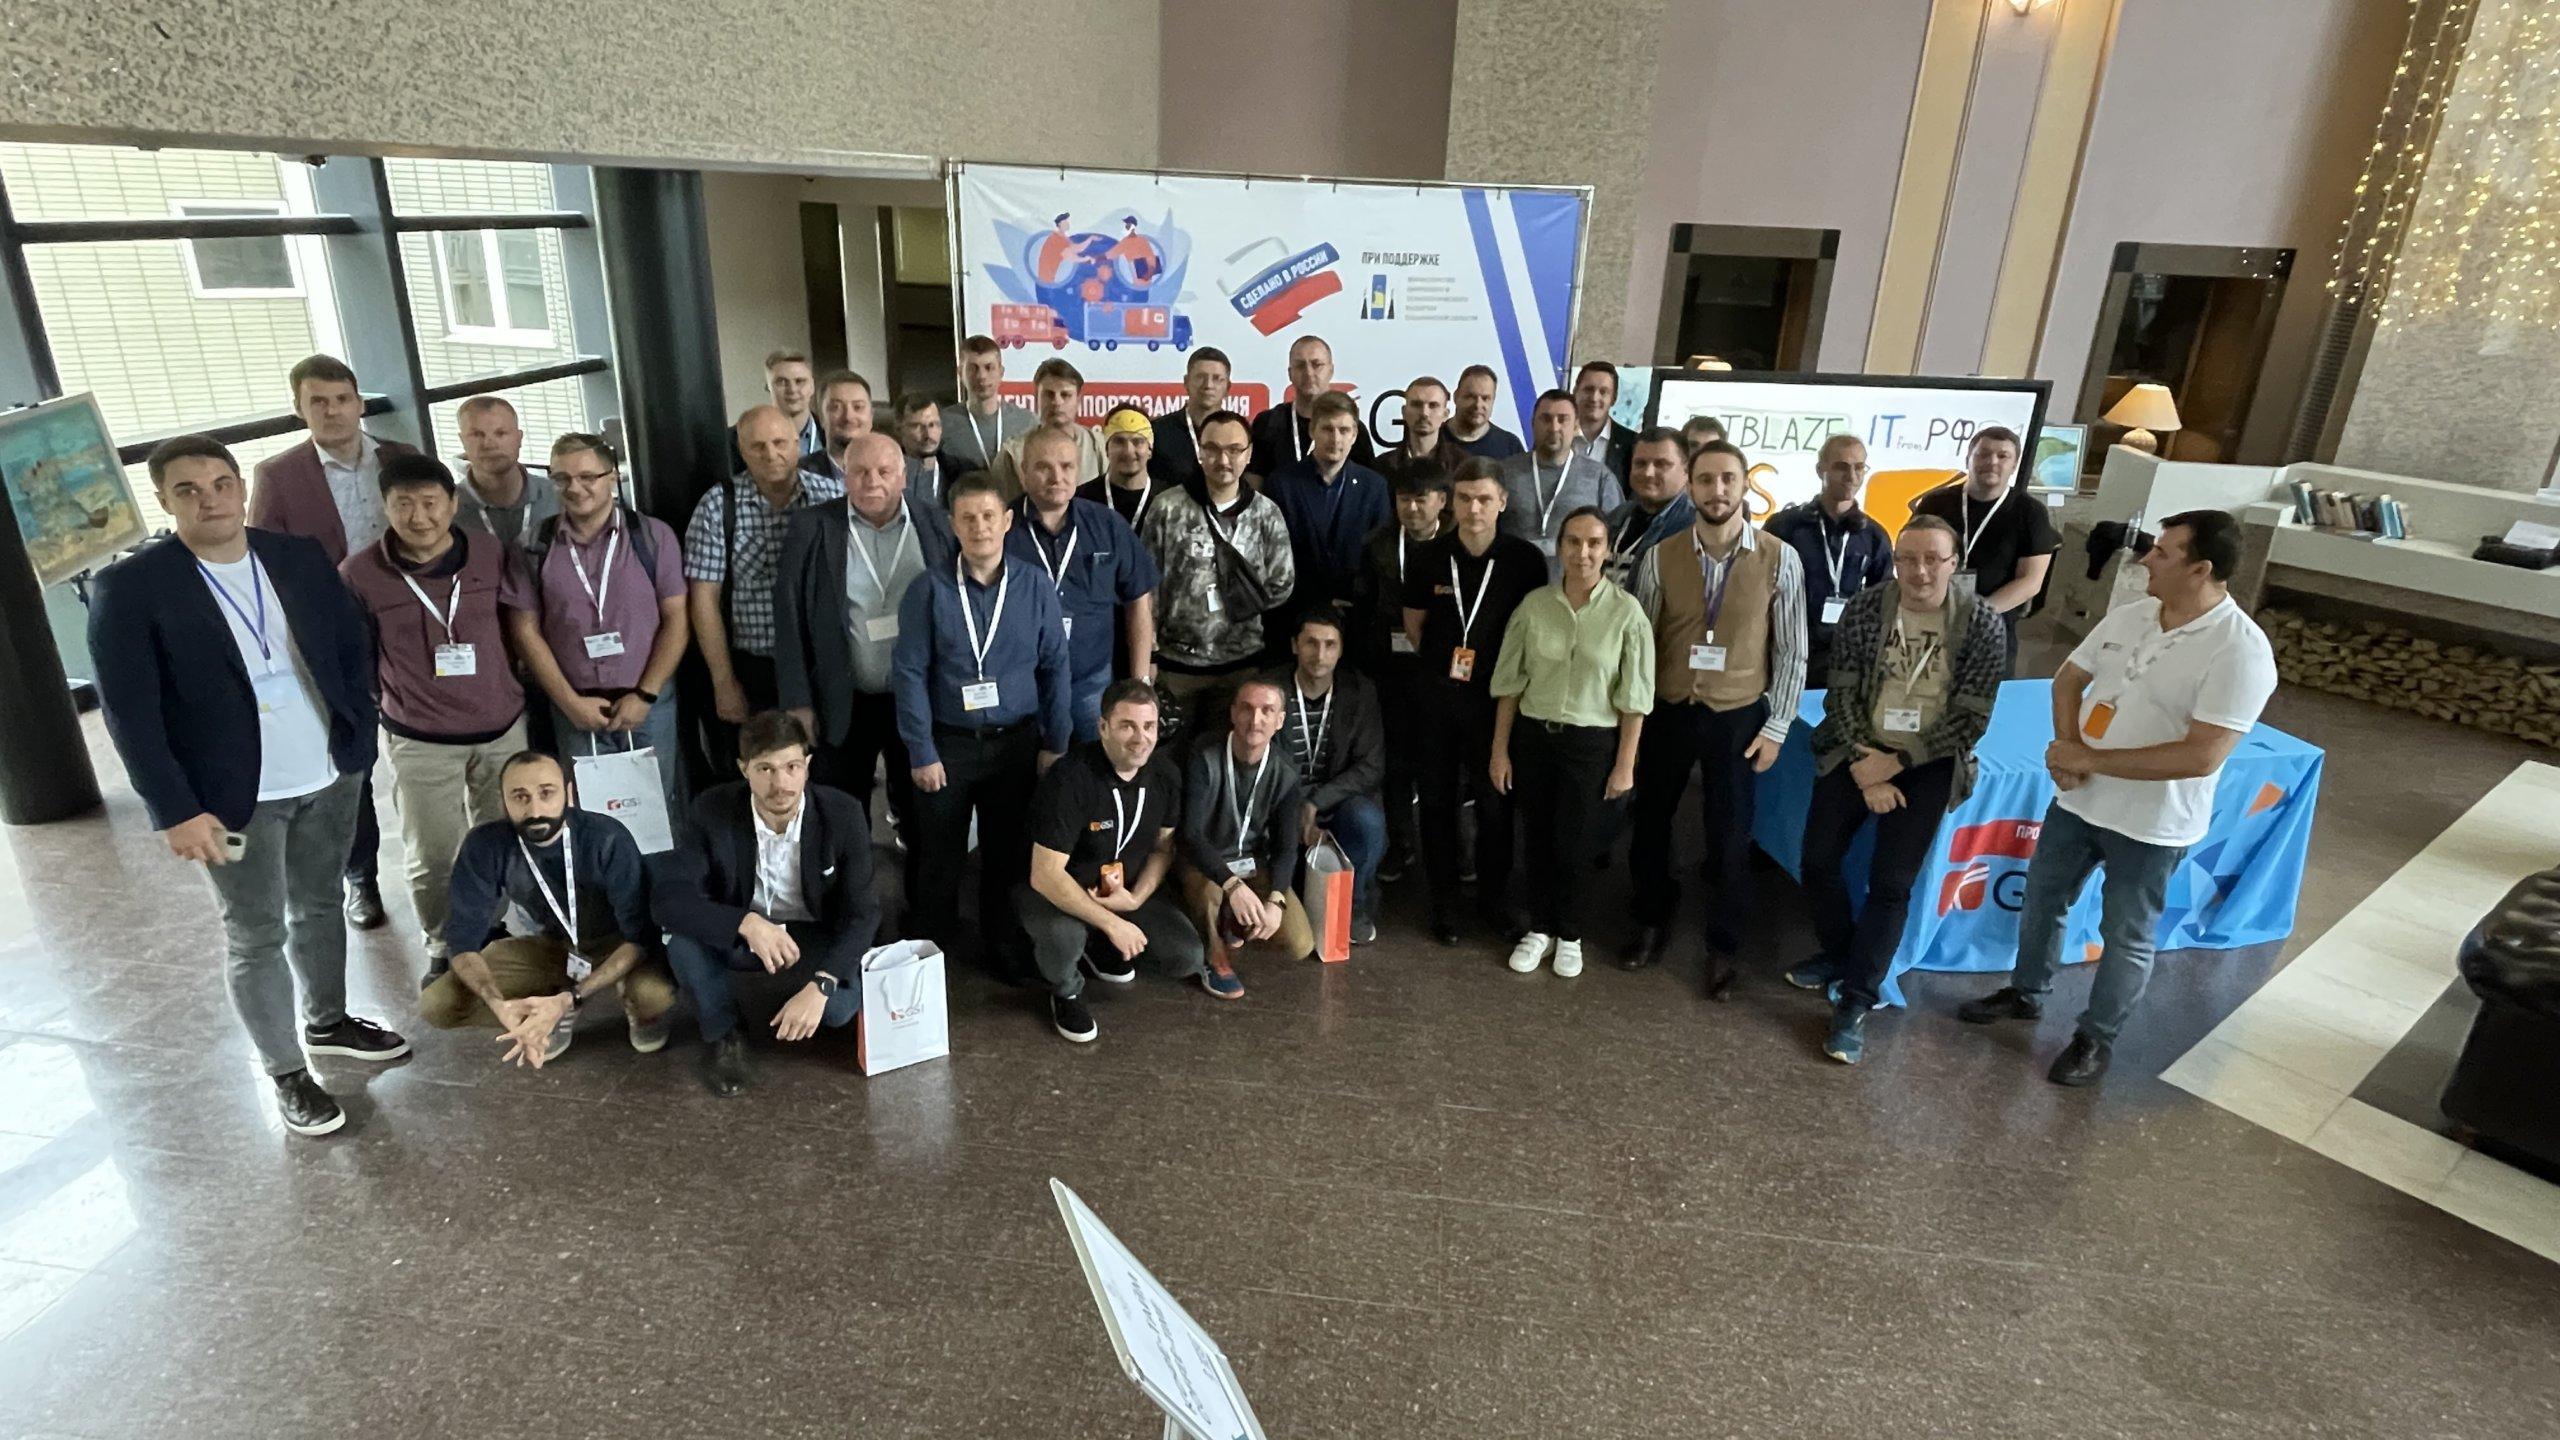 ВКС-решения TrueConf были представлены на масштабной конференции «GS Group Conference: Импортозамещение 2021» 7